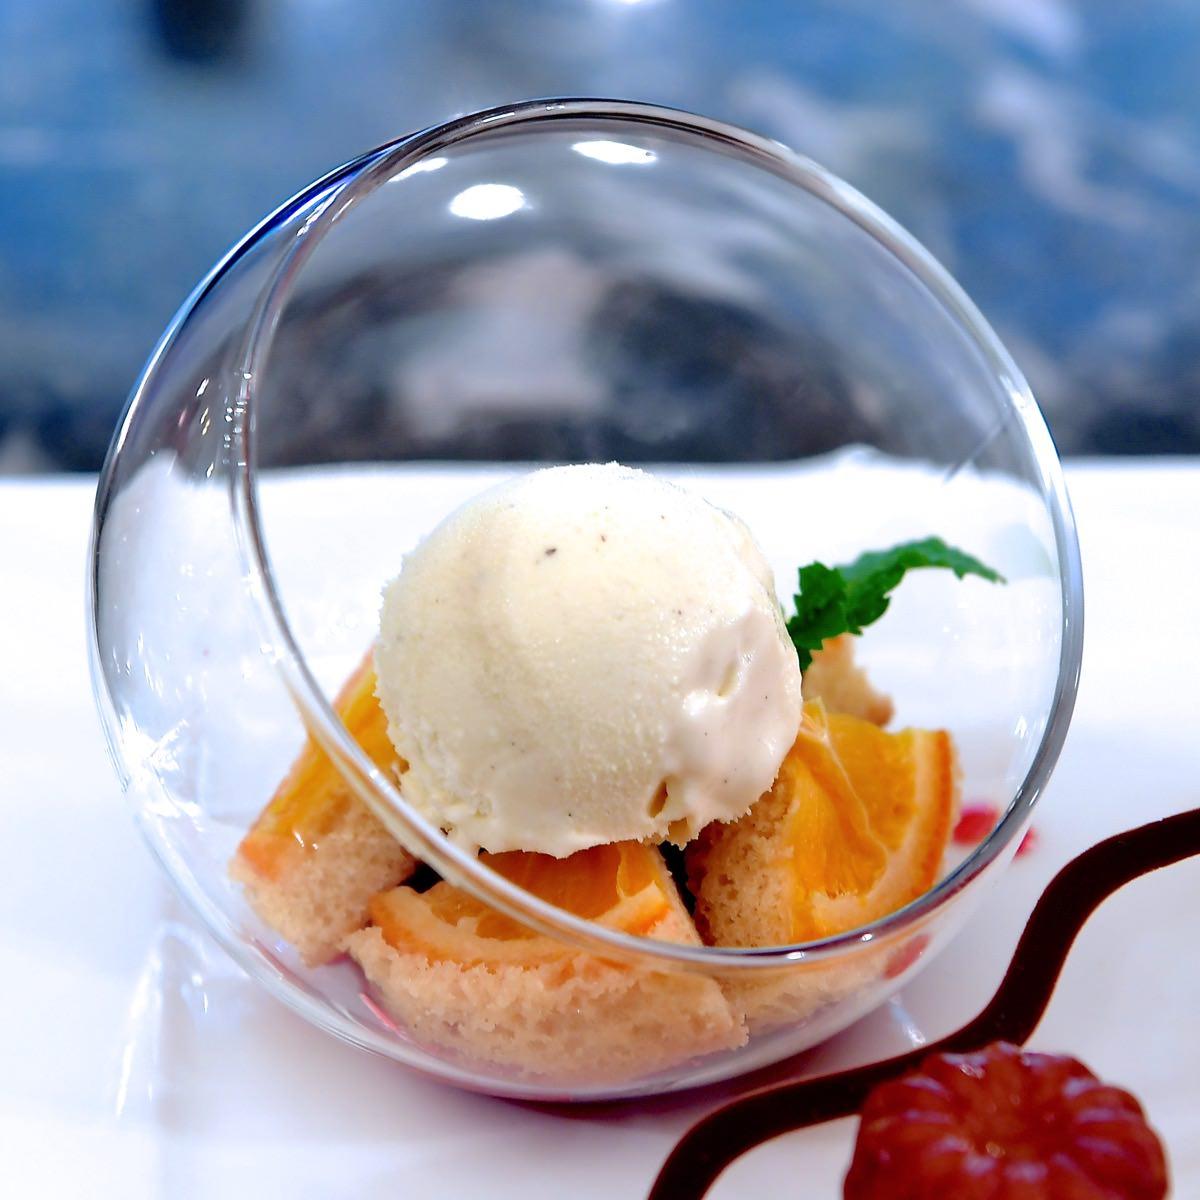 ラウンドグラスデザート(オレンジメイプルケーキ、バニラアイスクリーム)